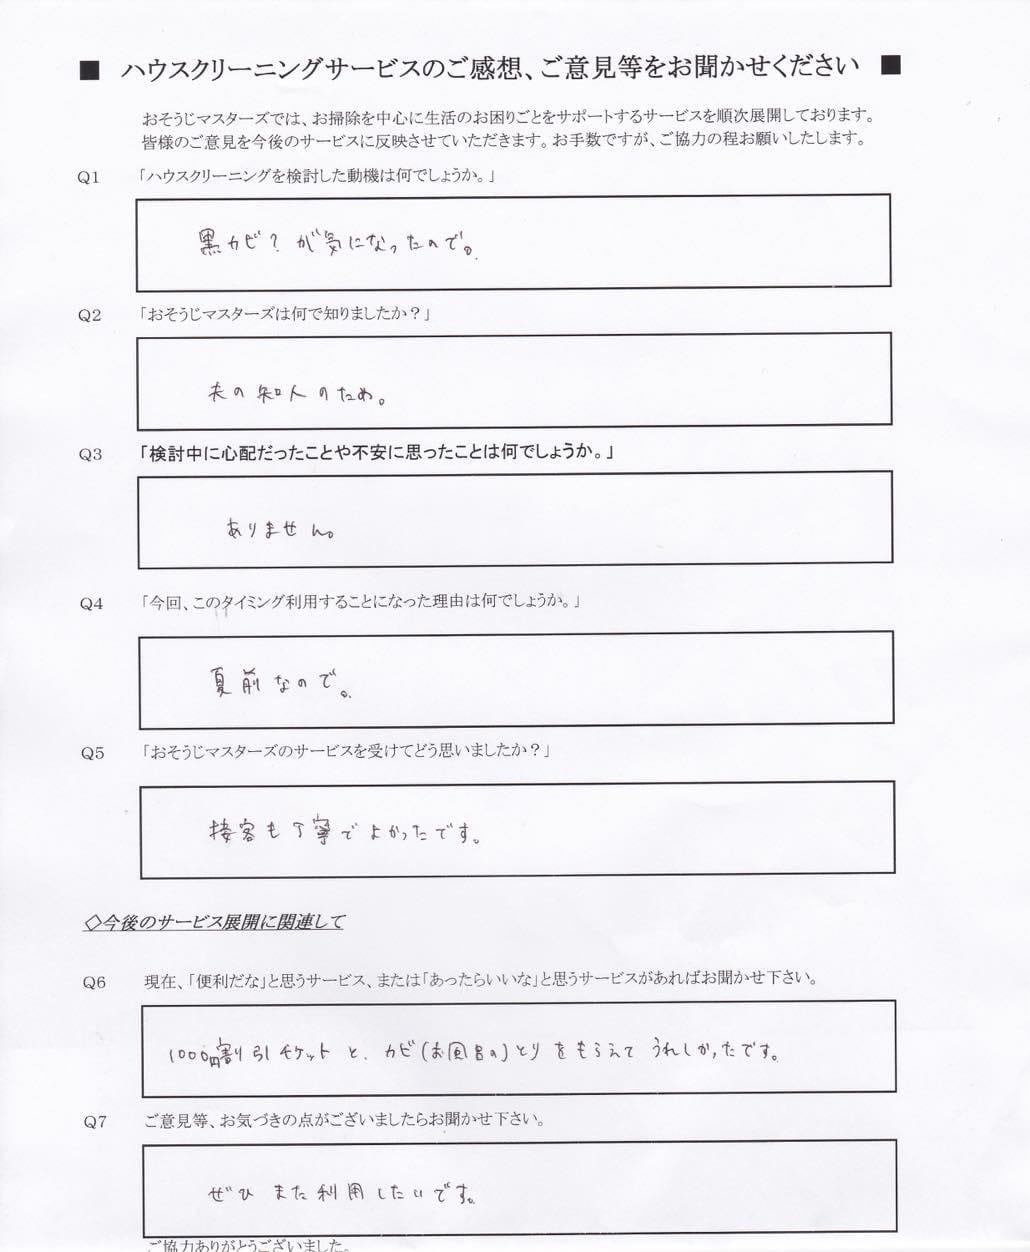 2015.05.25利用者アンケート